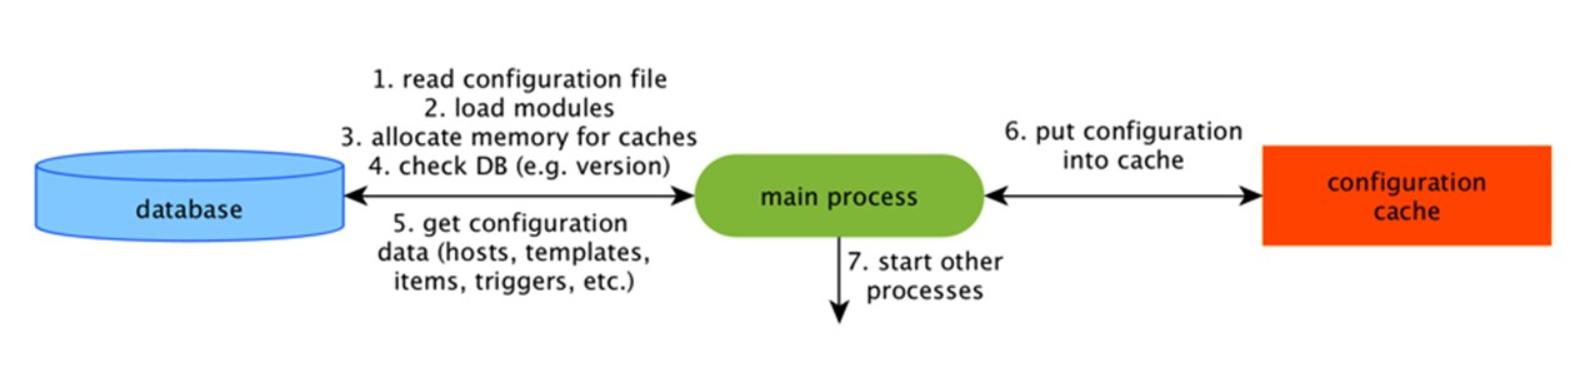 Высокая производительность и нативное партиционирование: Zabbix с поддержкой TimescaleDB - 2